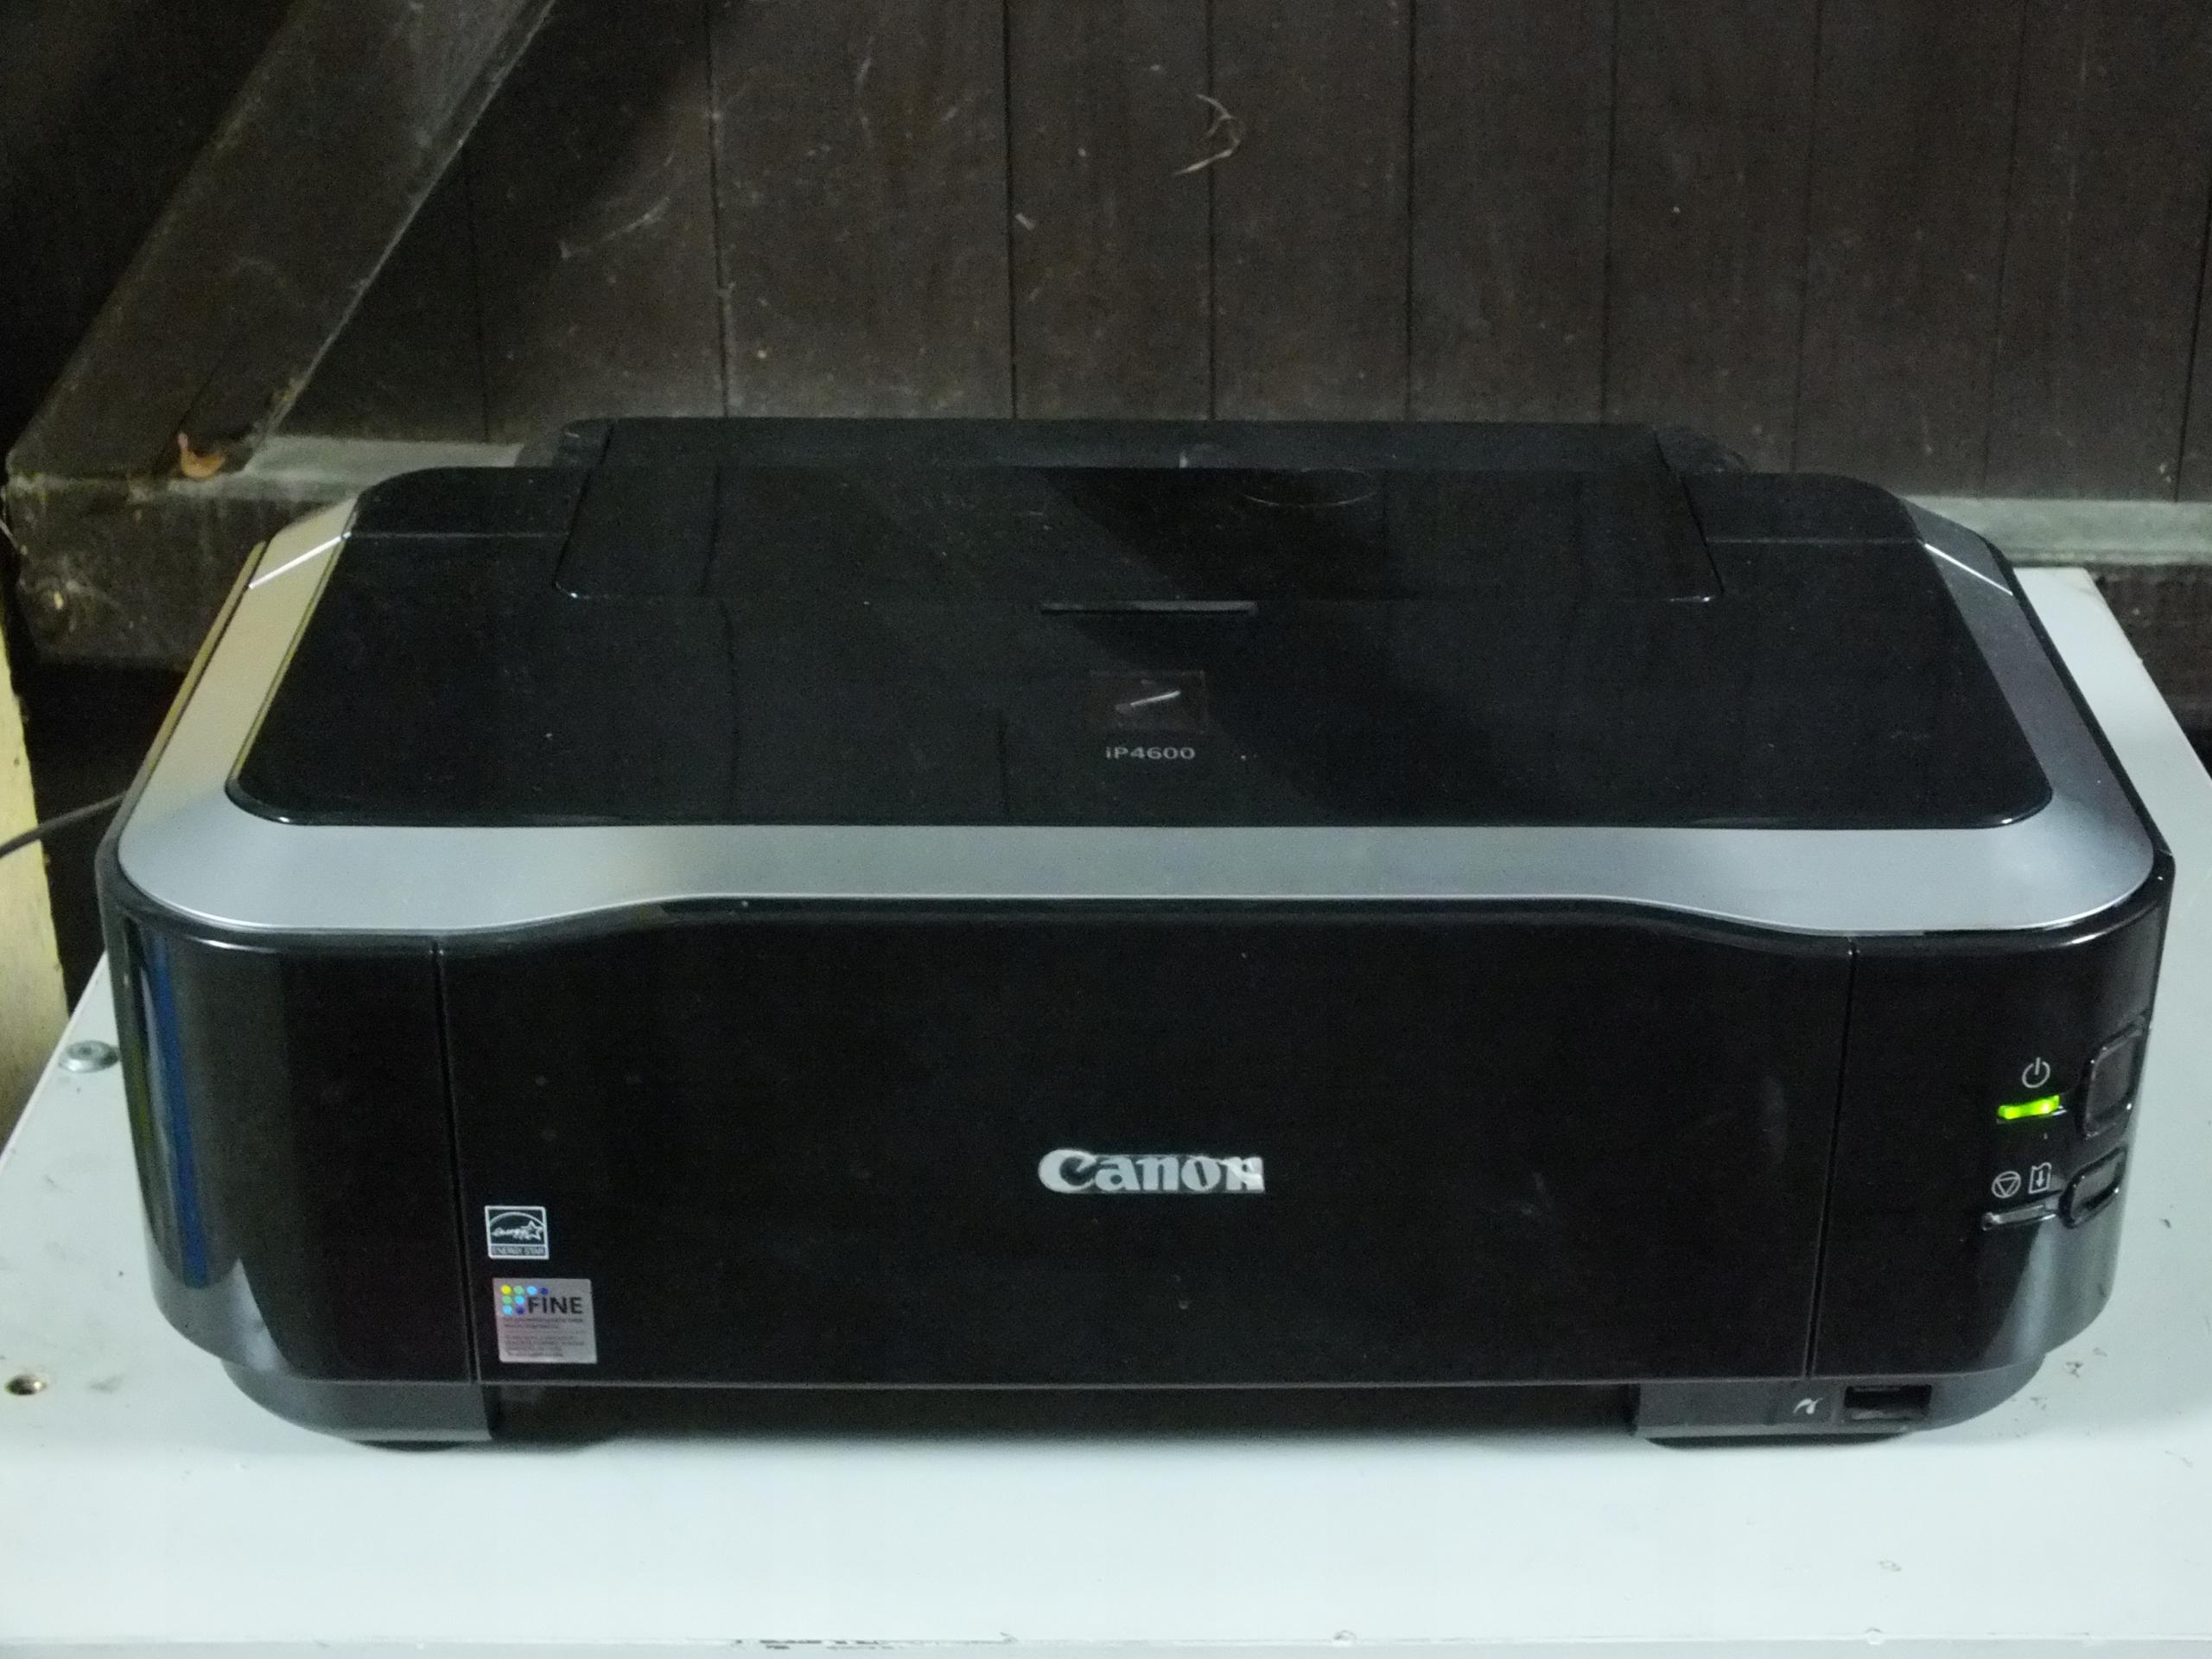 CANPN PIXMA IP 4600 Z NIEMIEC